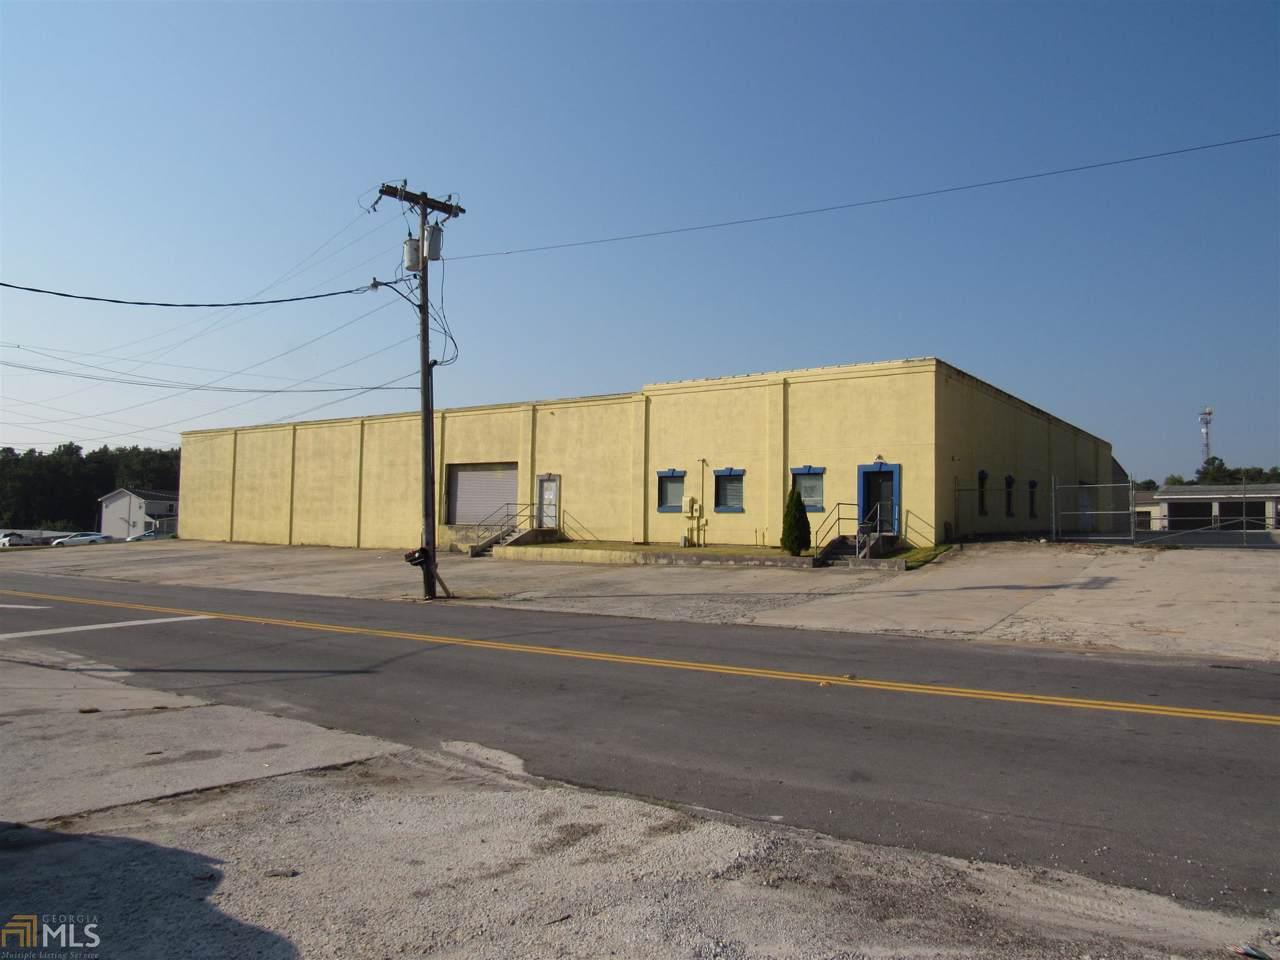 41 Jonesboro Rd - Photo 1